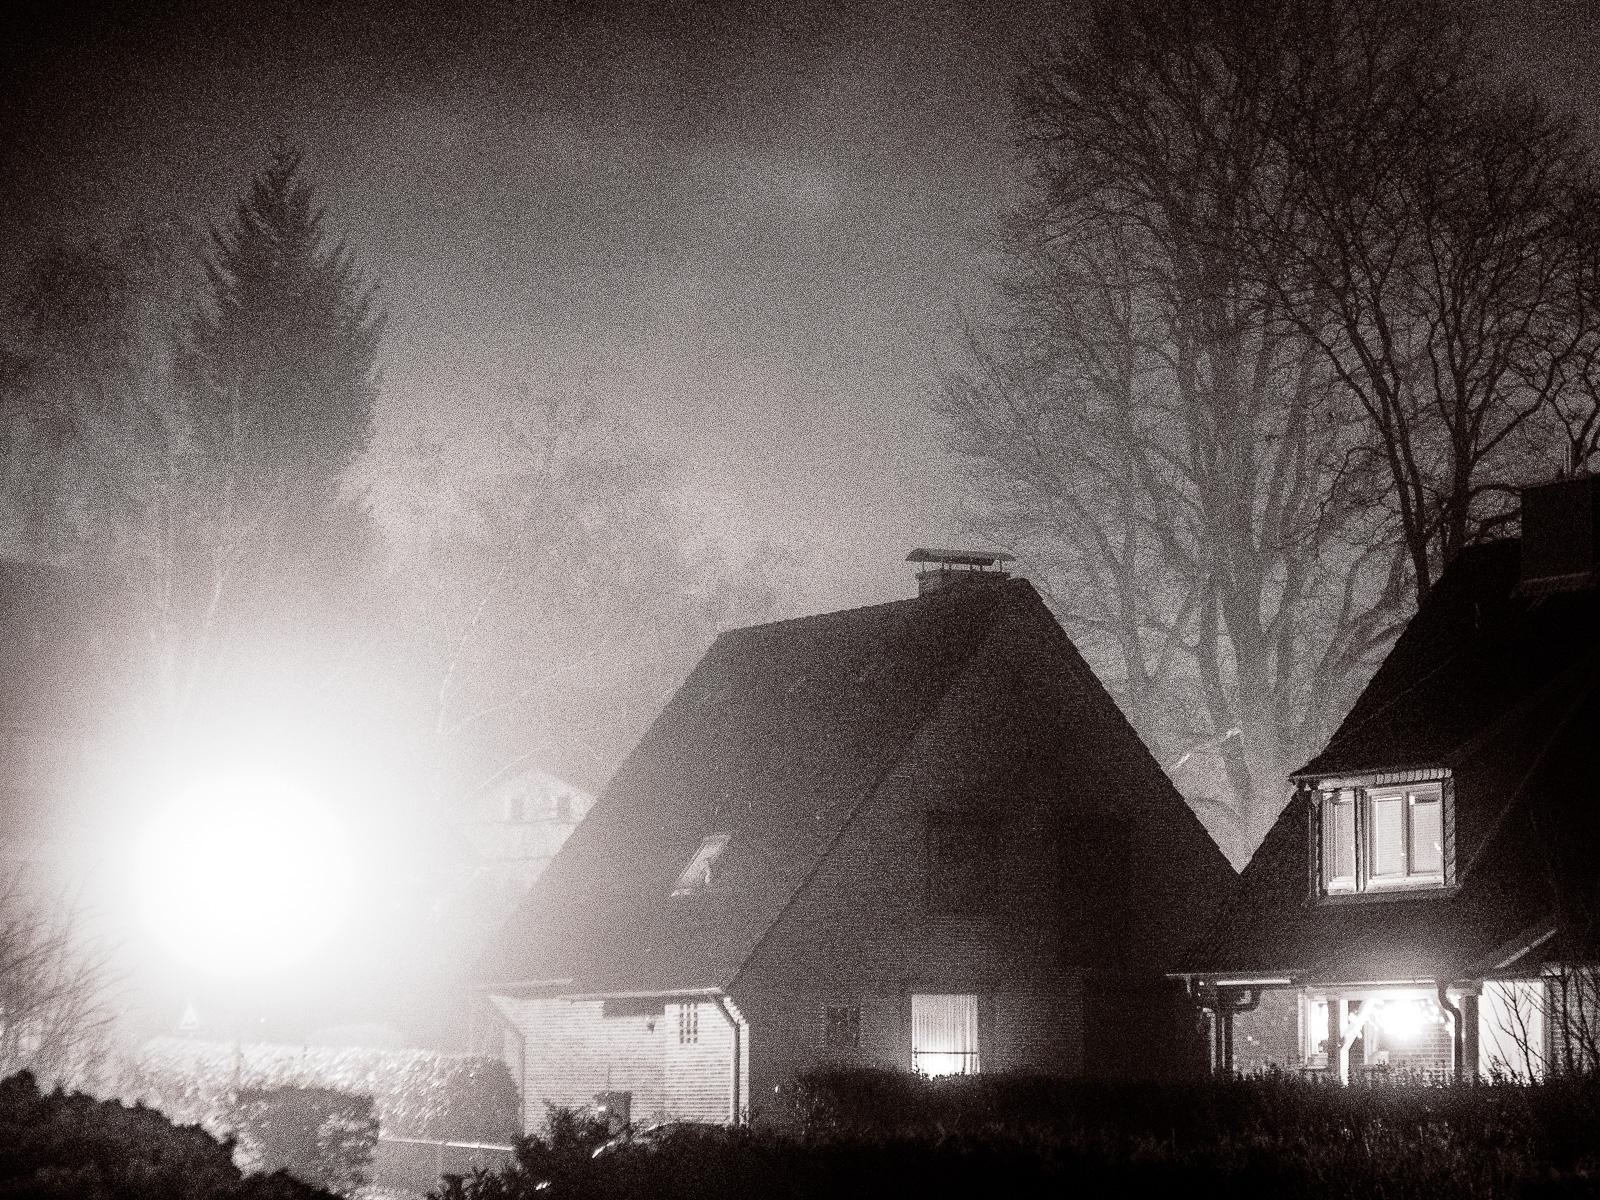 Nacht und Nebel, und eine völlig überstrahlte Laterne